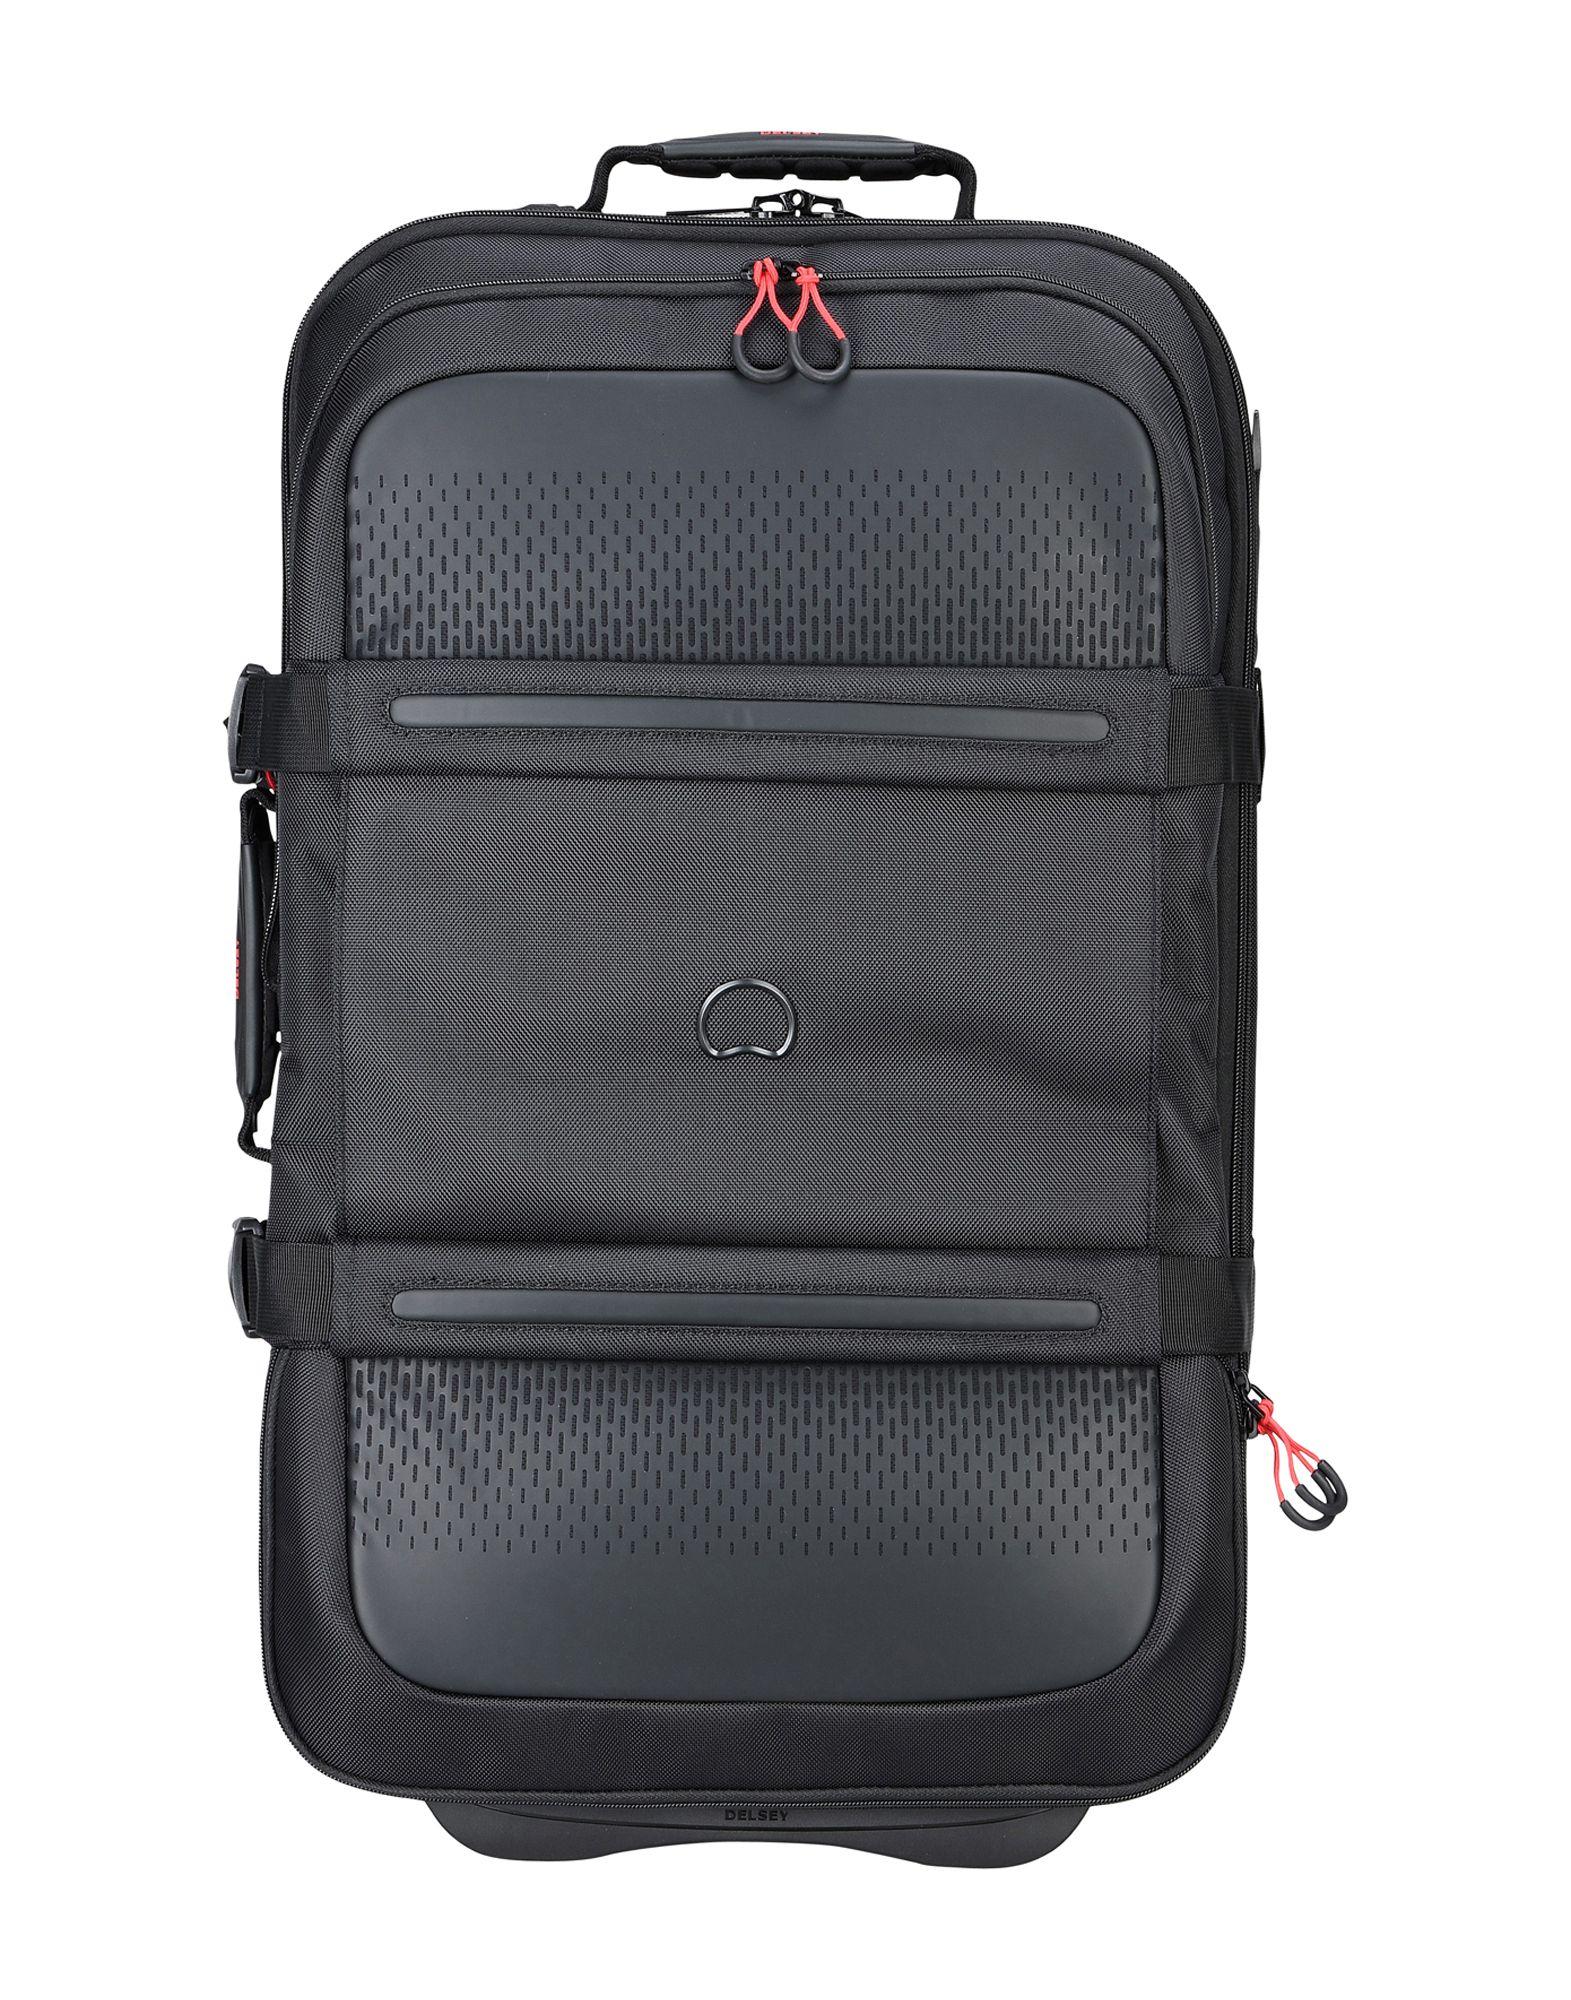 《期間限定セール中》DELSEY Unisex キャスター付きバッグ ブラック ポリエステル MONTSOURIS